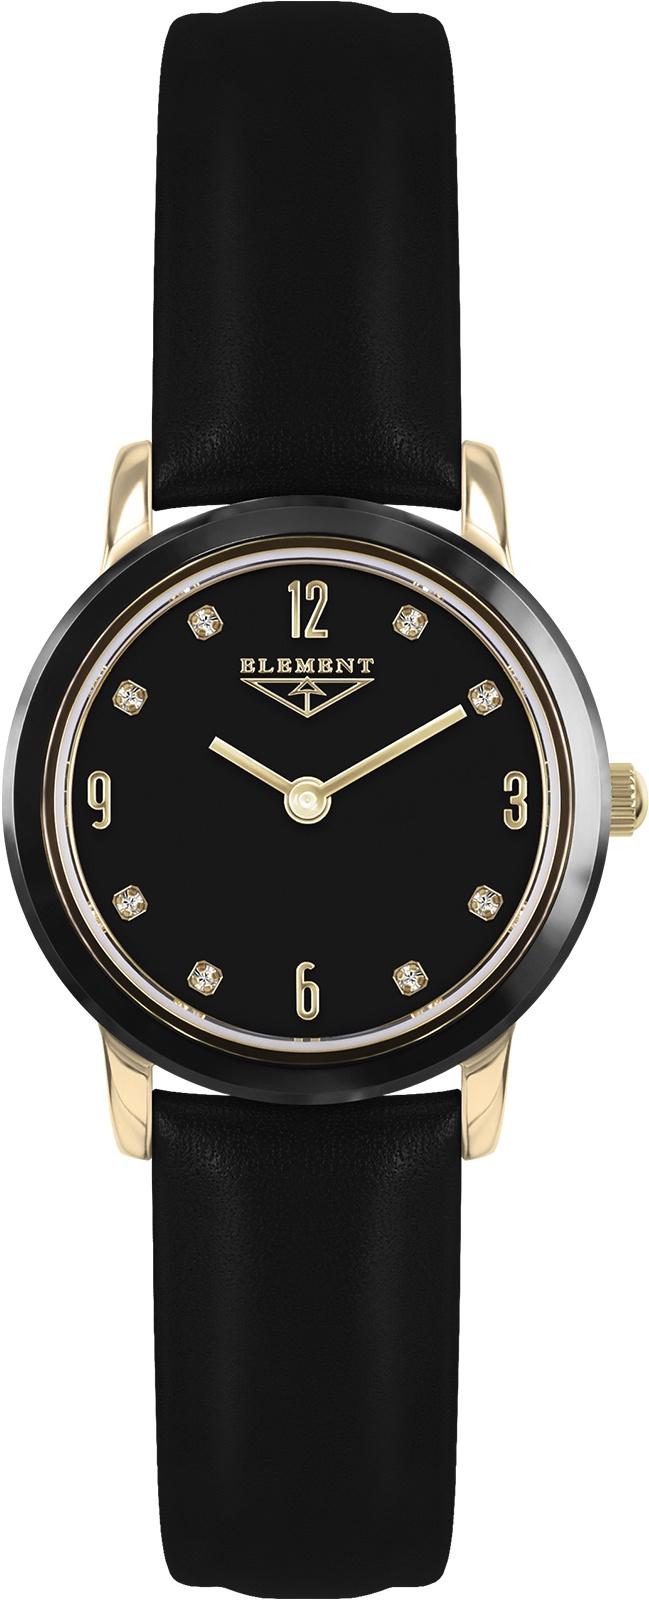 Часы 33 ELEMENT 331624, черный женские часы 33 element 331624